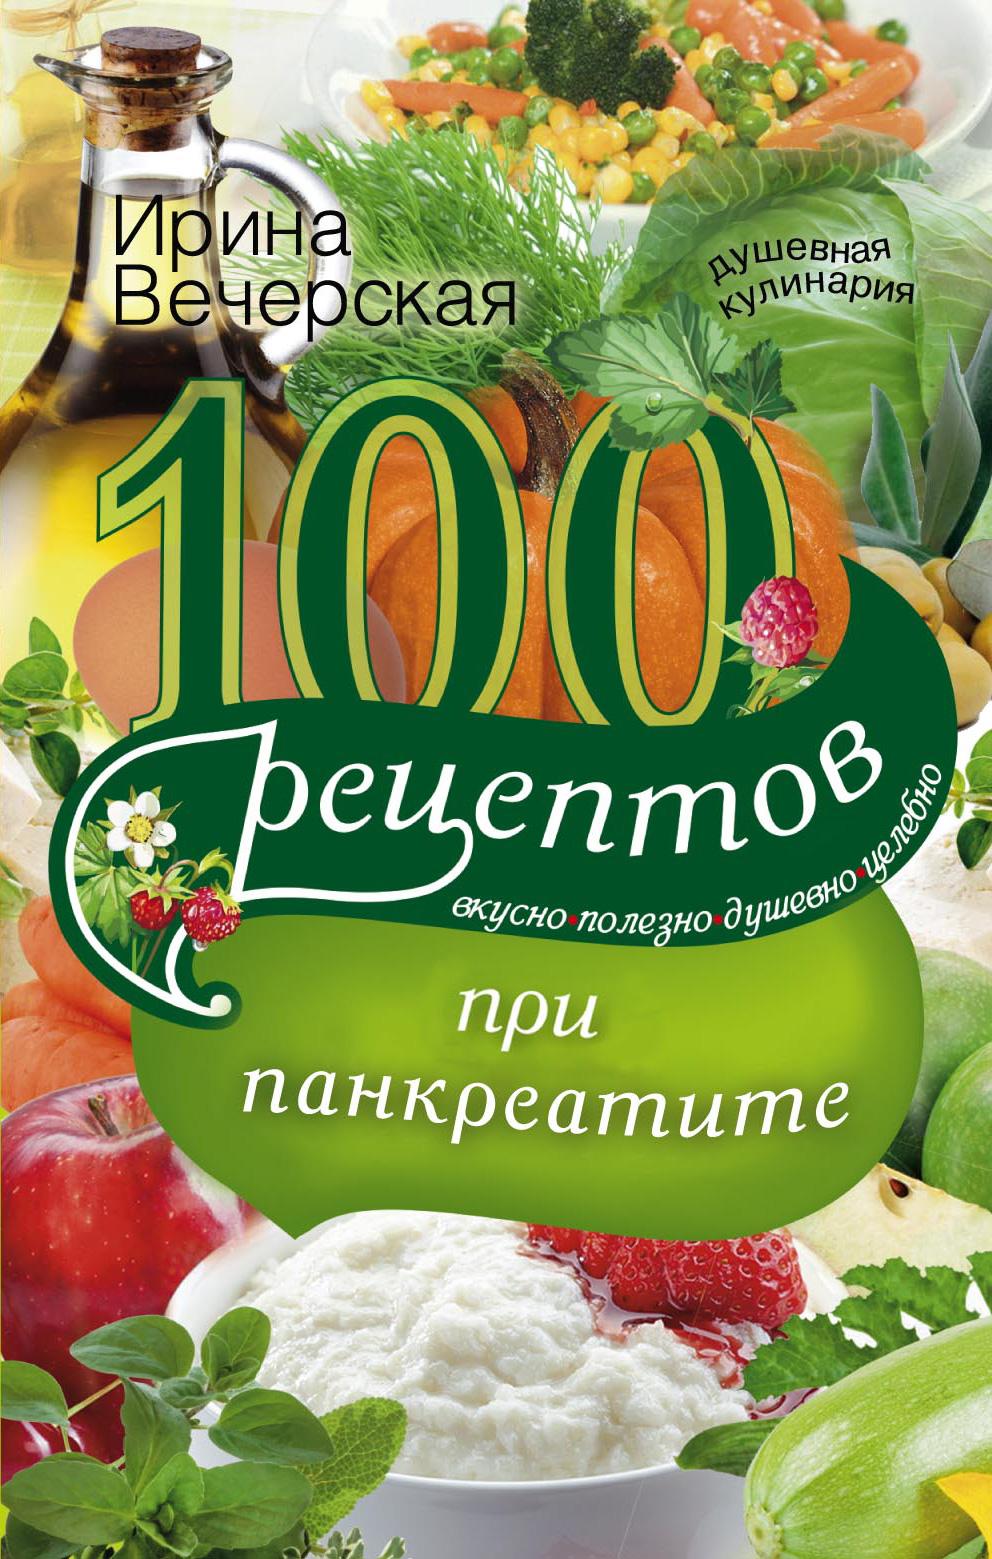 100рецептов при панкреатите. Вкусно, полезно, душевно, целебно